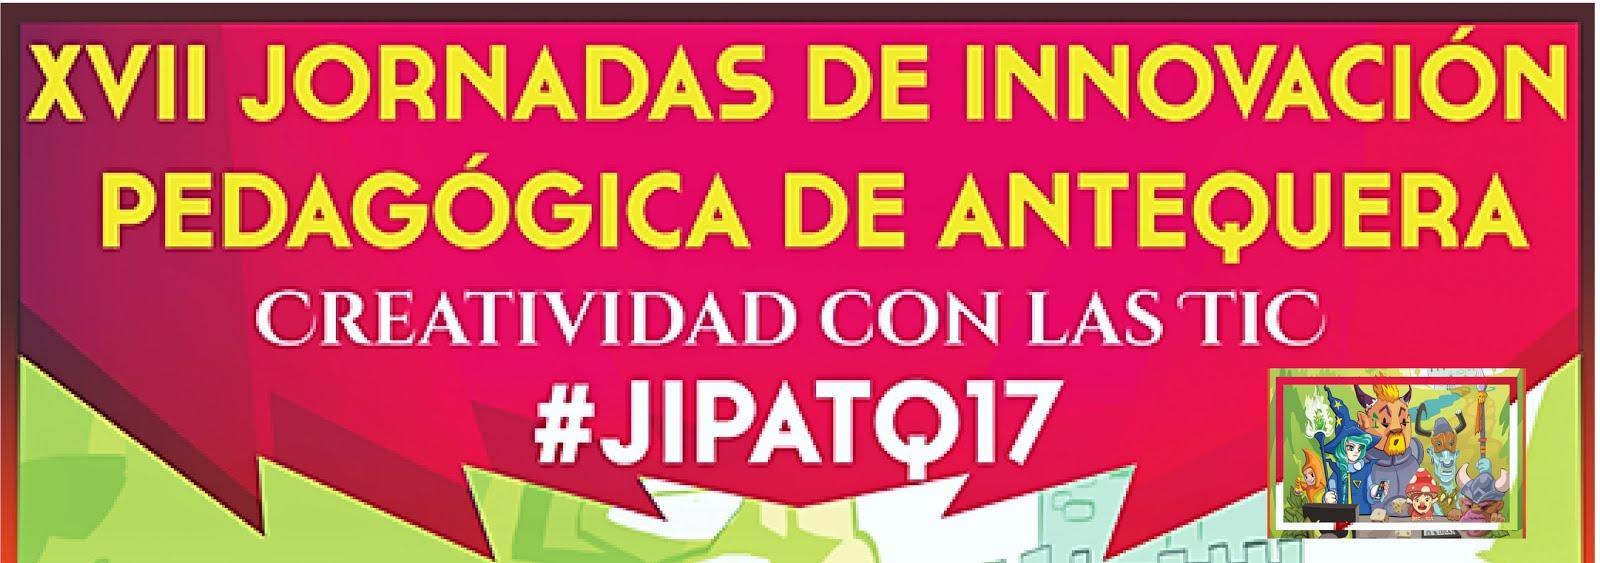 XVII JORNADAS DE INNOVACIÓN PEDAGÓGICA DE ANTEQUERA